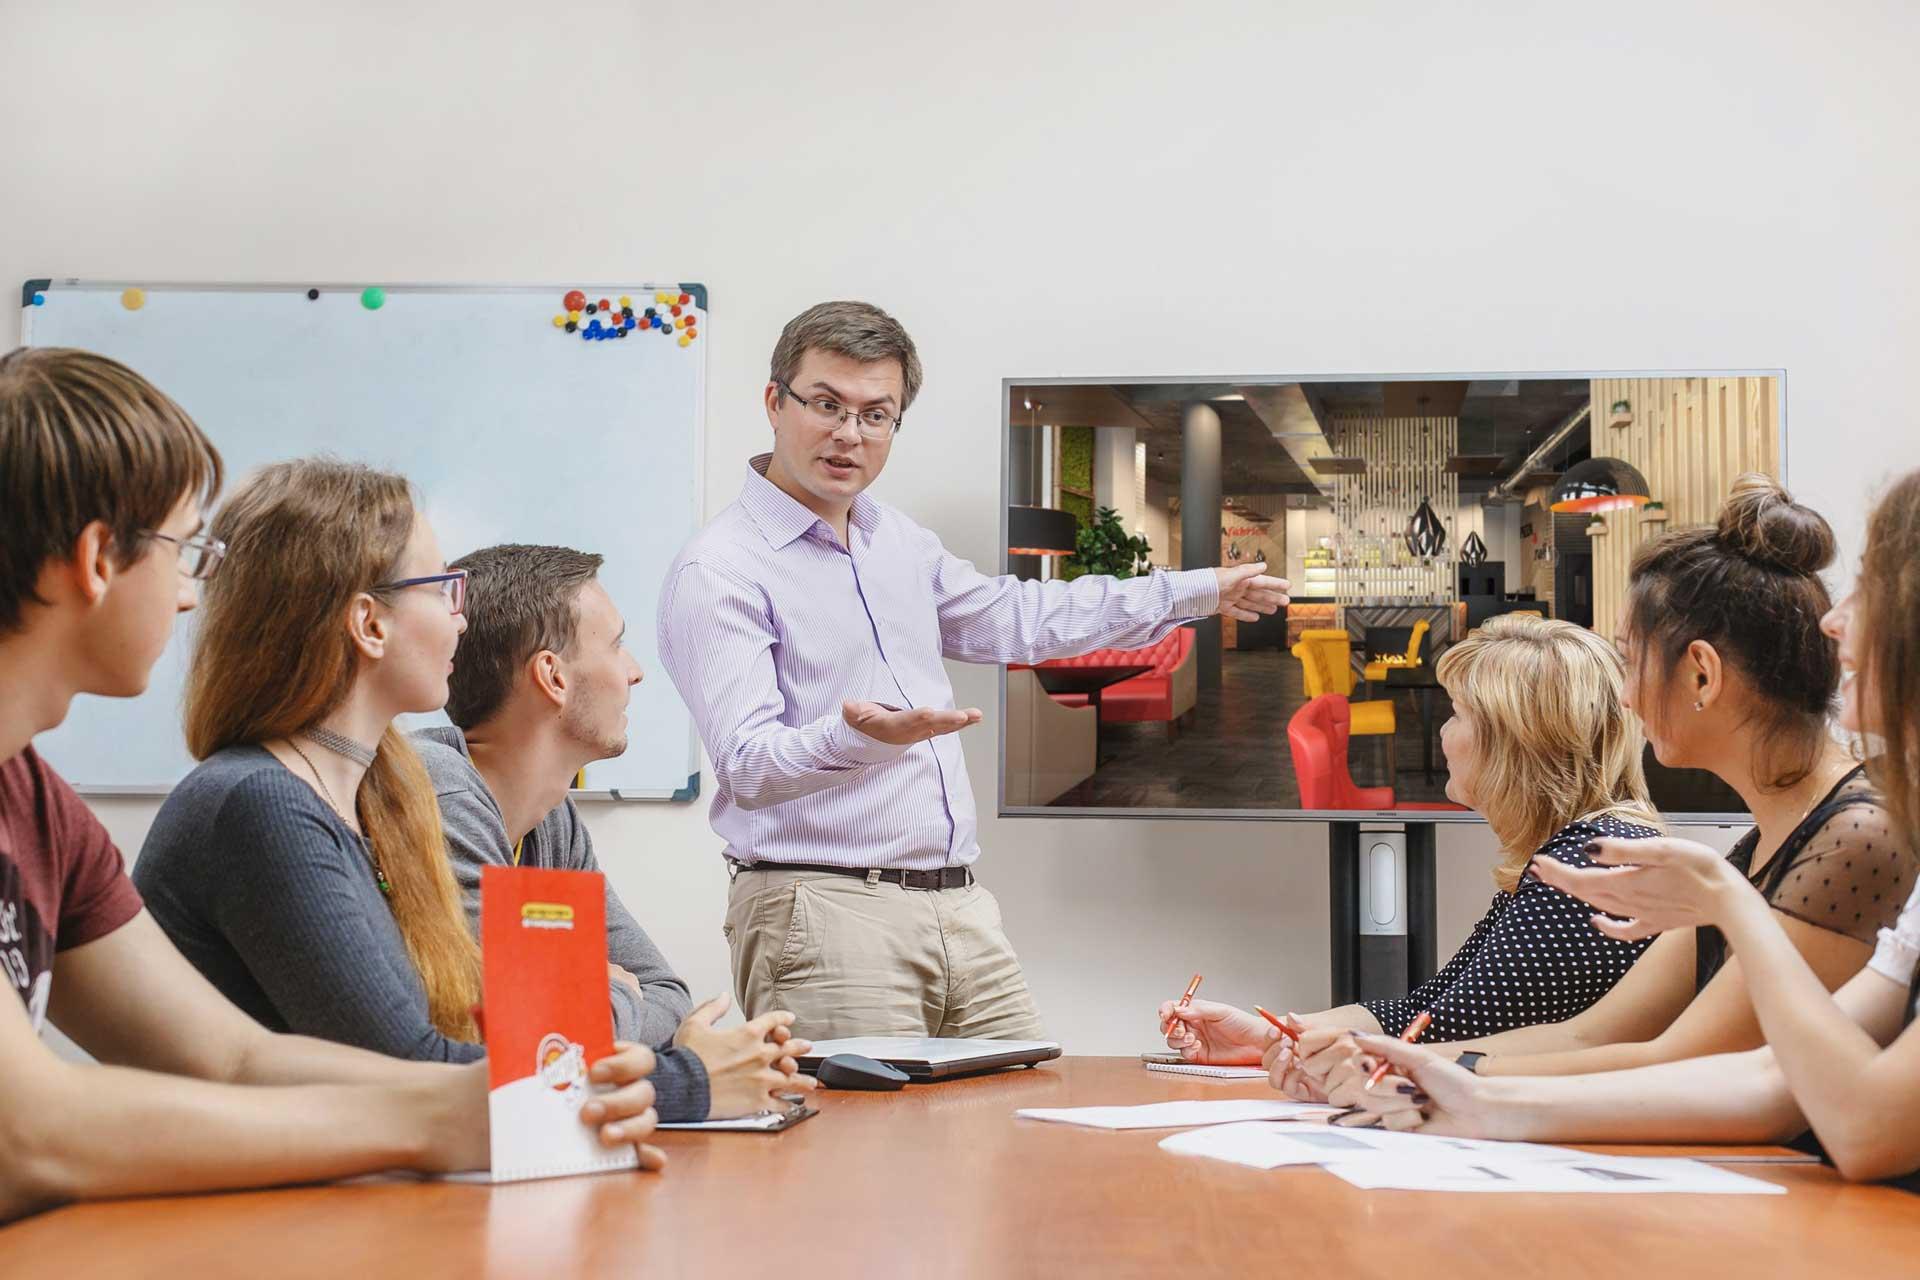 Как запустить бизнес по франшизе: пошаговая инструкция из семи пунктов